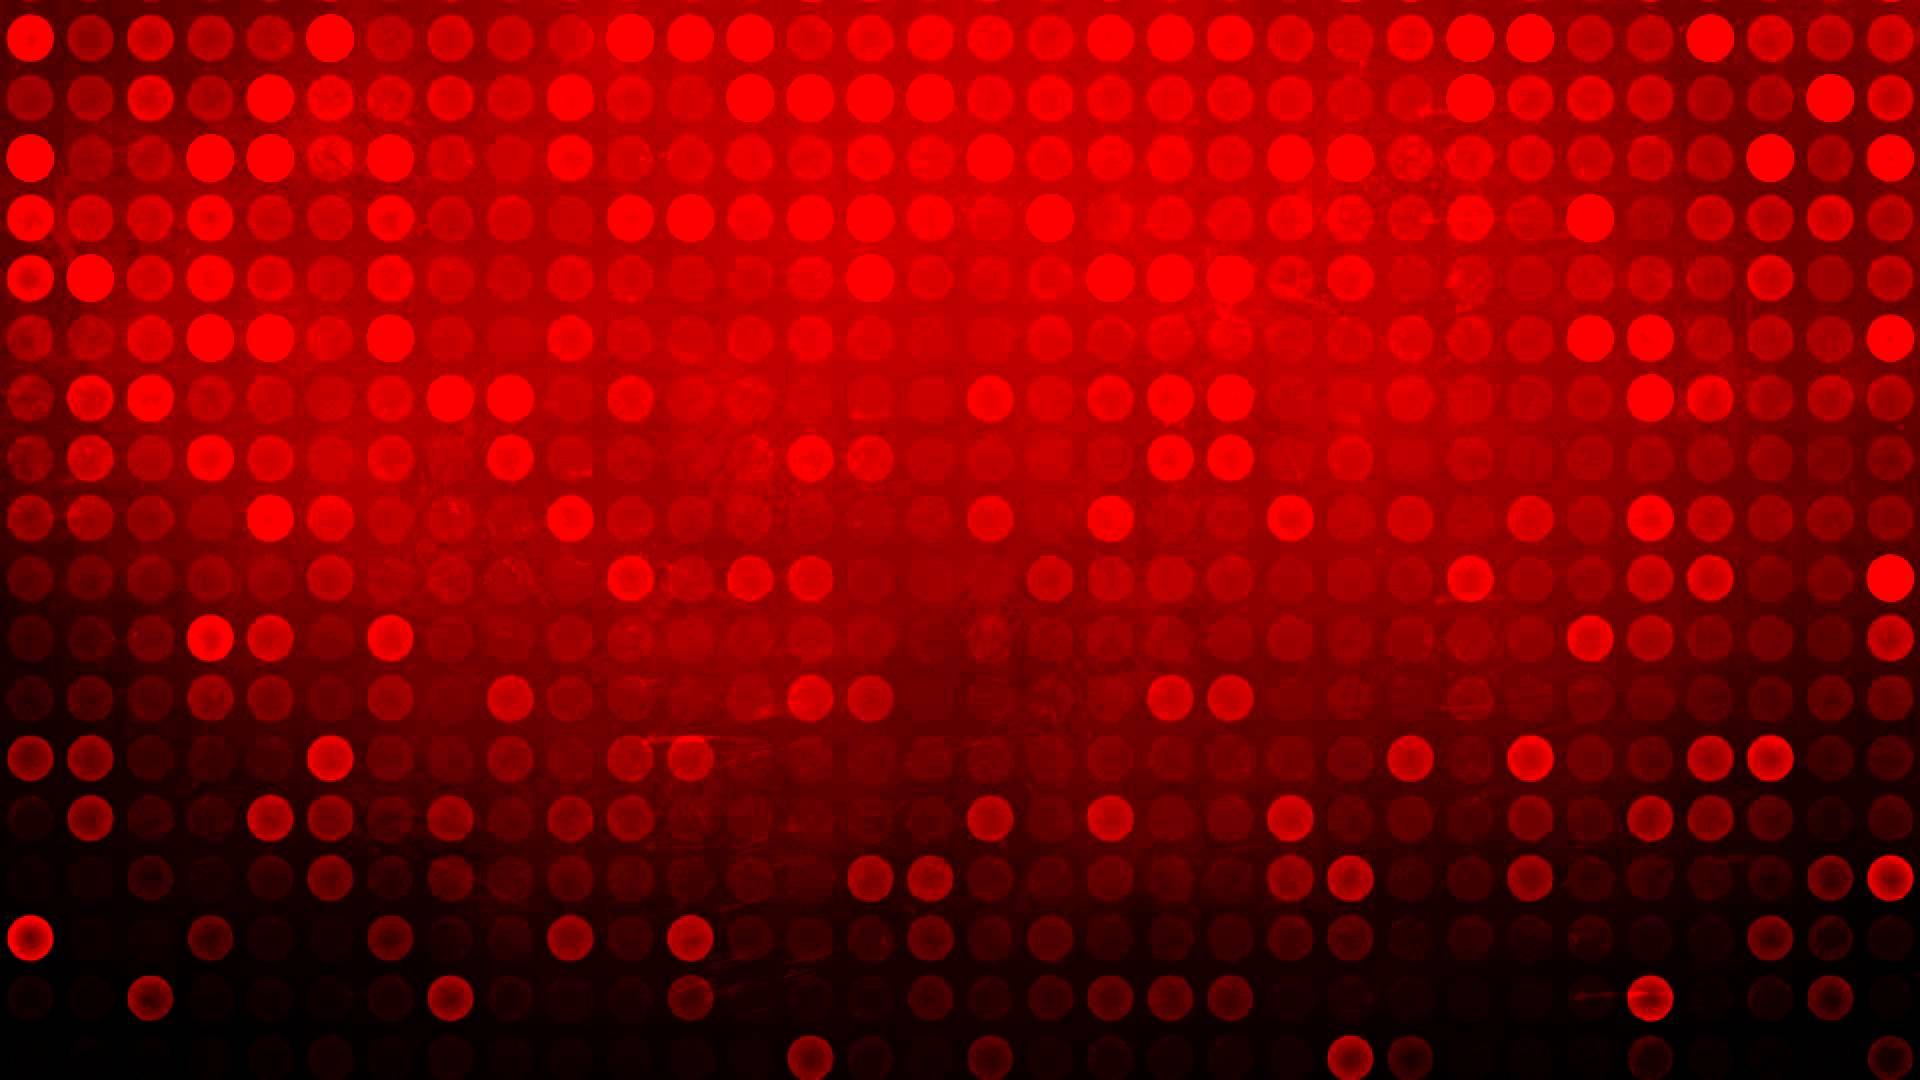 بالصور خلفية حمراء , اجمل الخلفيات الخلفيات الحمراء 1457 10